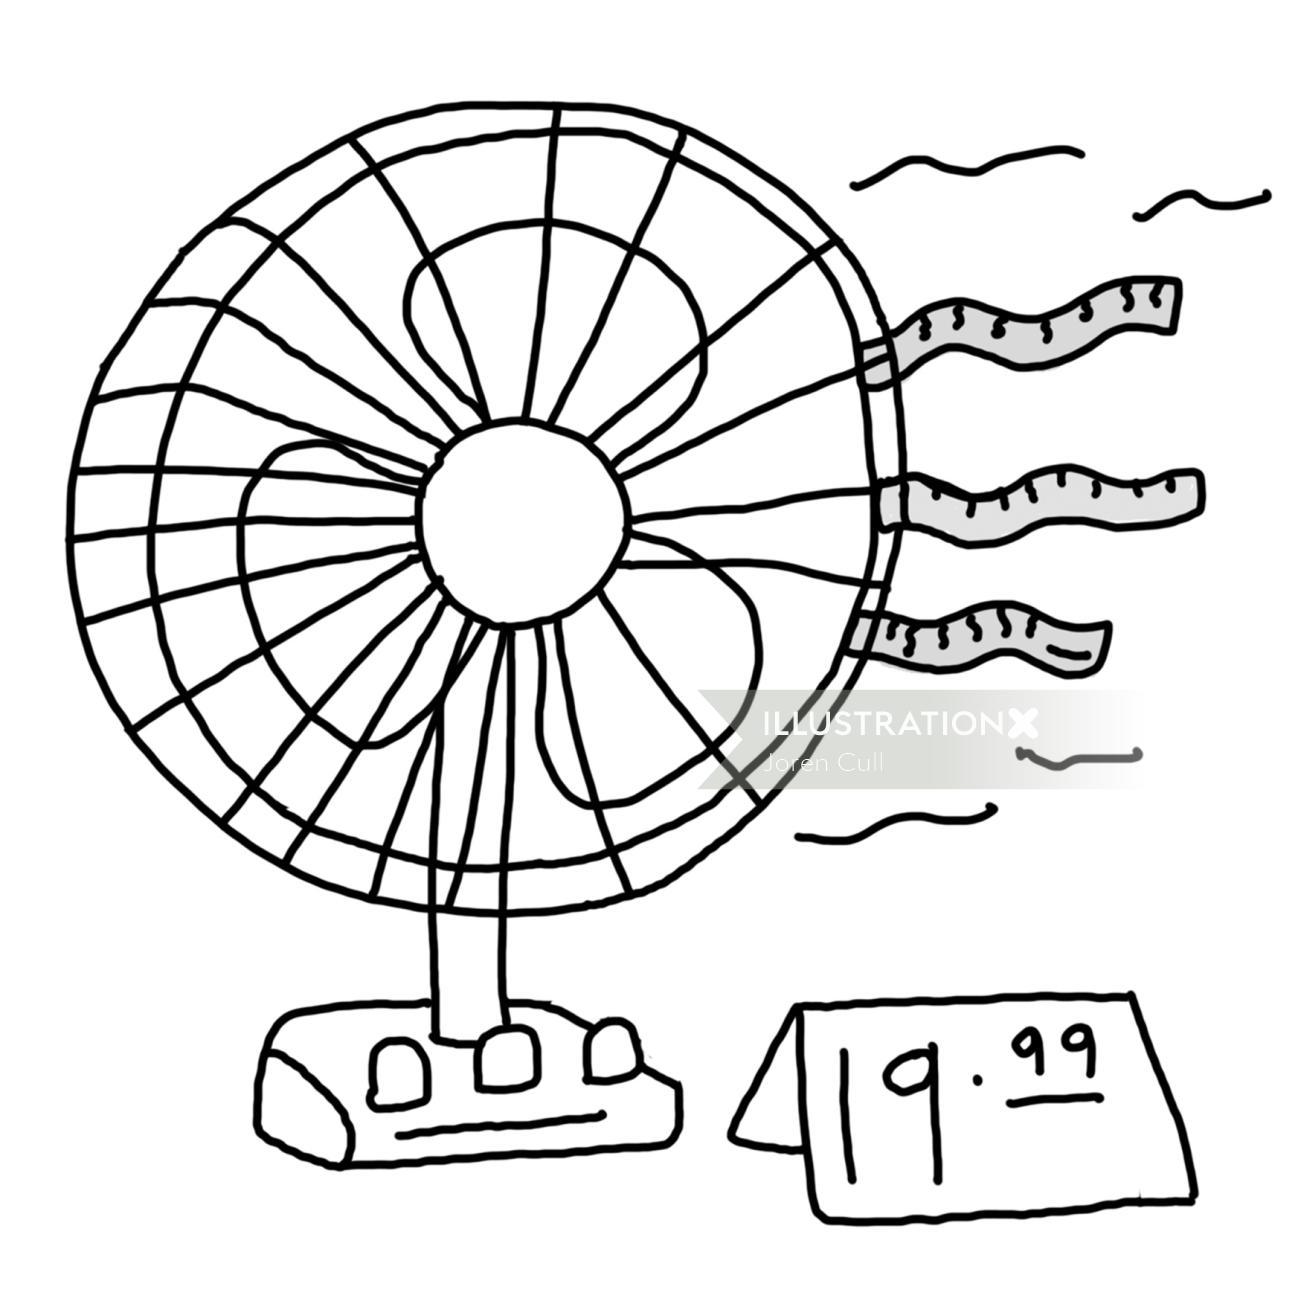 Line drawing of table fan